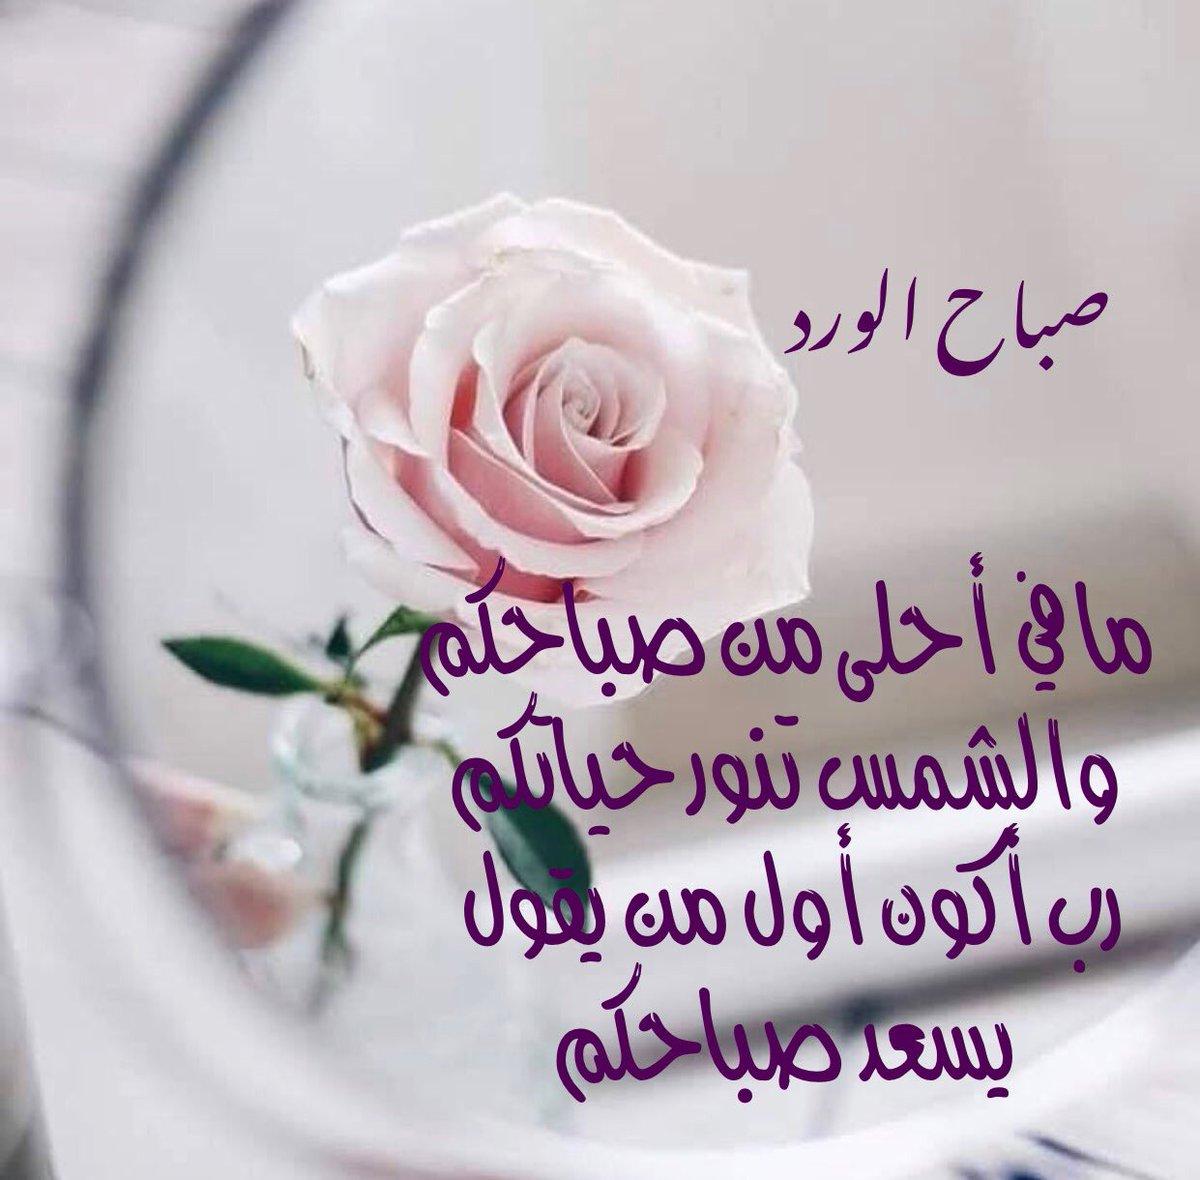 صورة رسائل حب صباحية, اجمل رسائل صباحية للحبيب 3656 5